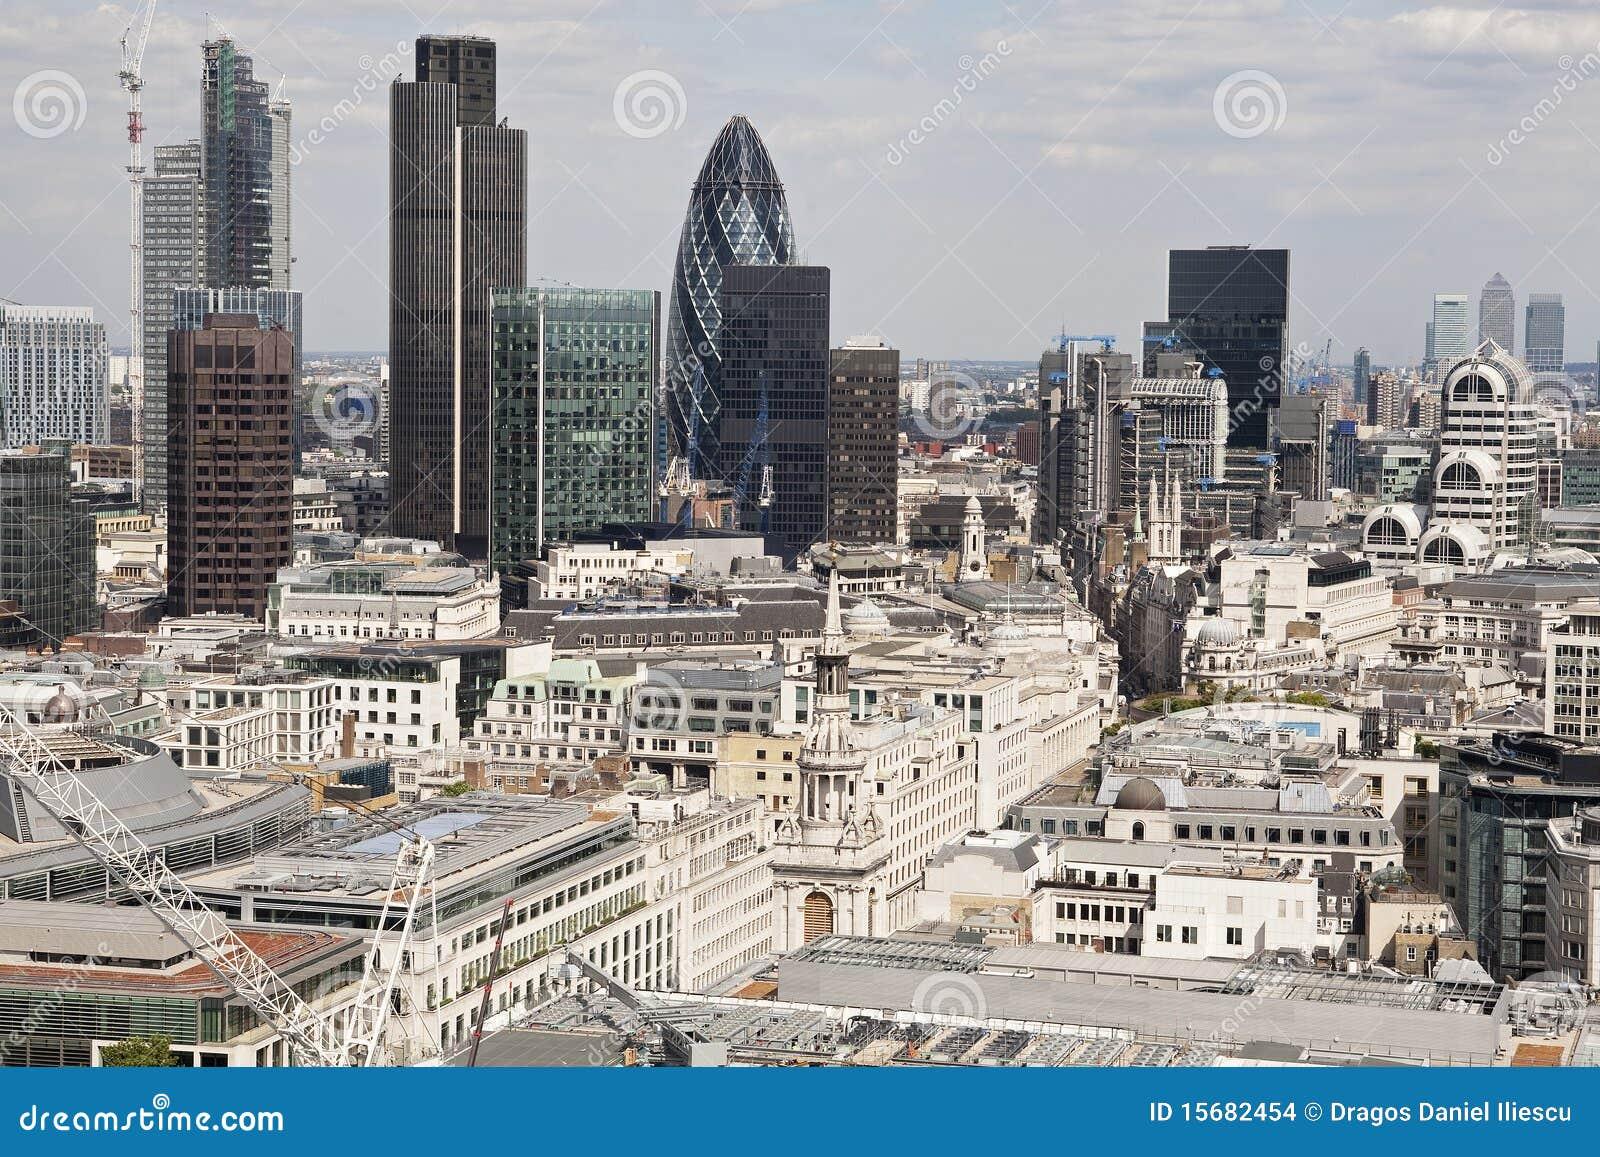 Luftaufnahme mit architektur von london gro britannien - London architektur ...